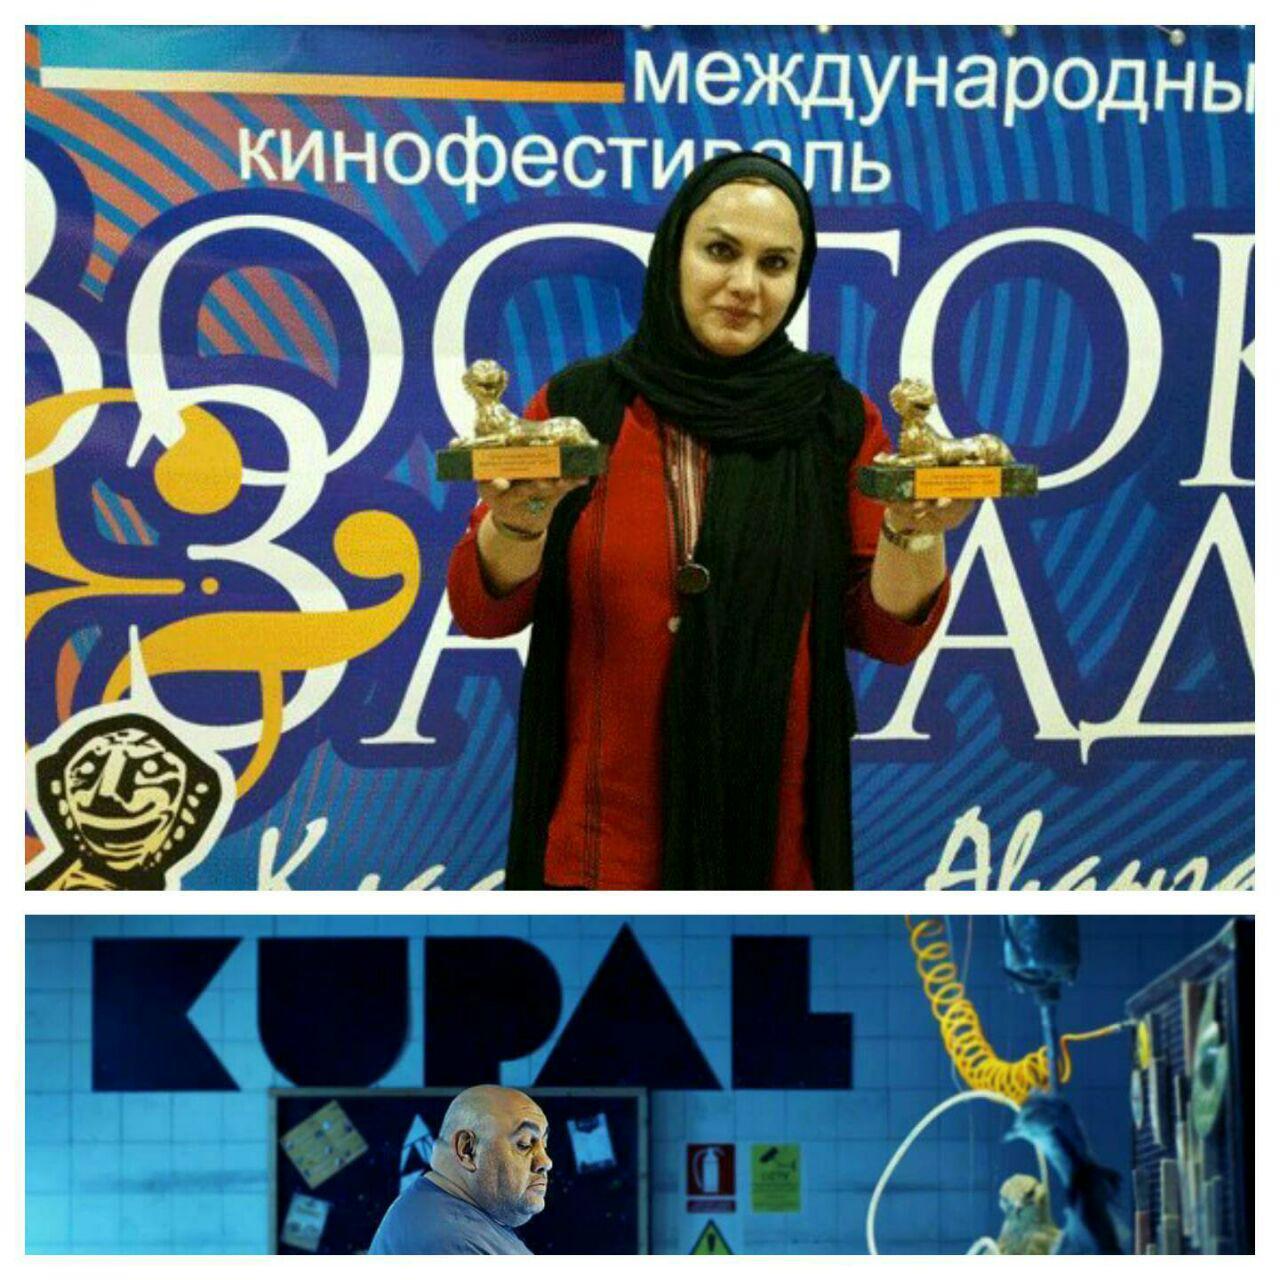 تبریک جشنواره جهانی فجر به عوامل دو فیلم «نفس» و «کوپال»